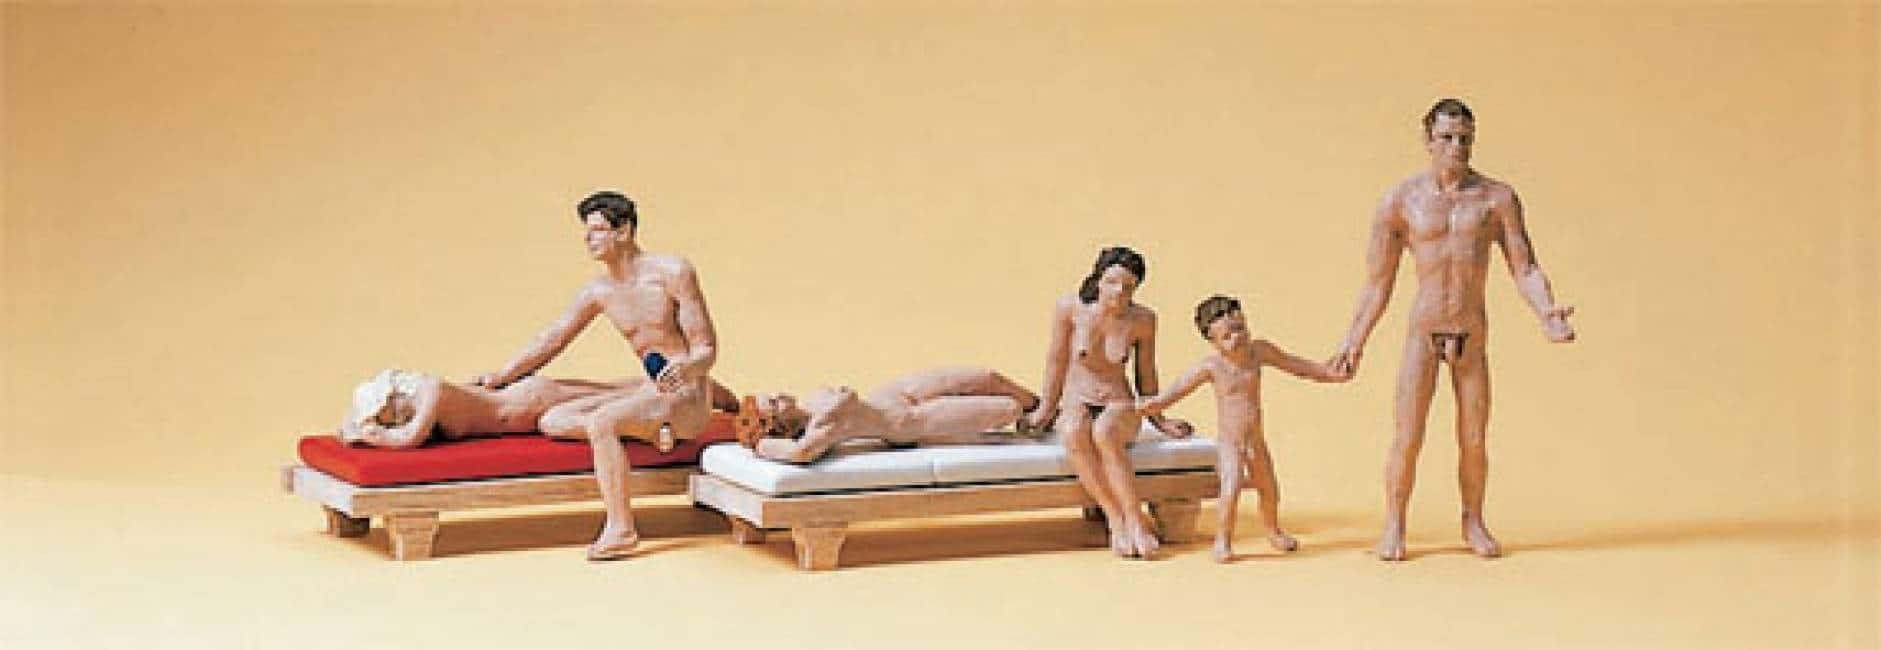 omosessuali nei campi di concentramento Trapani